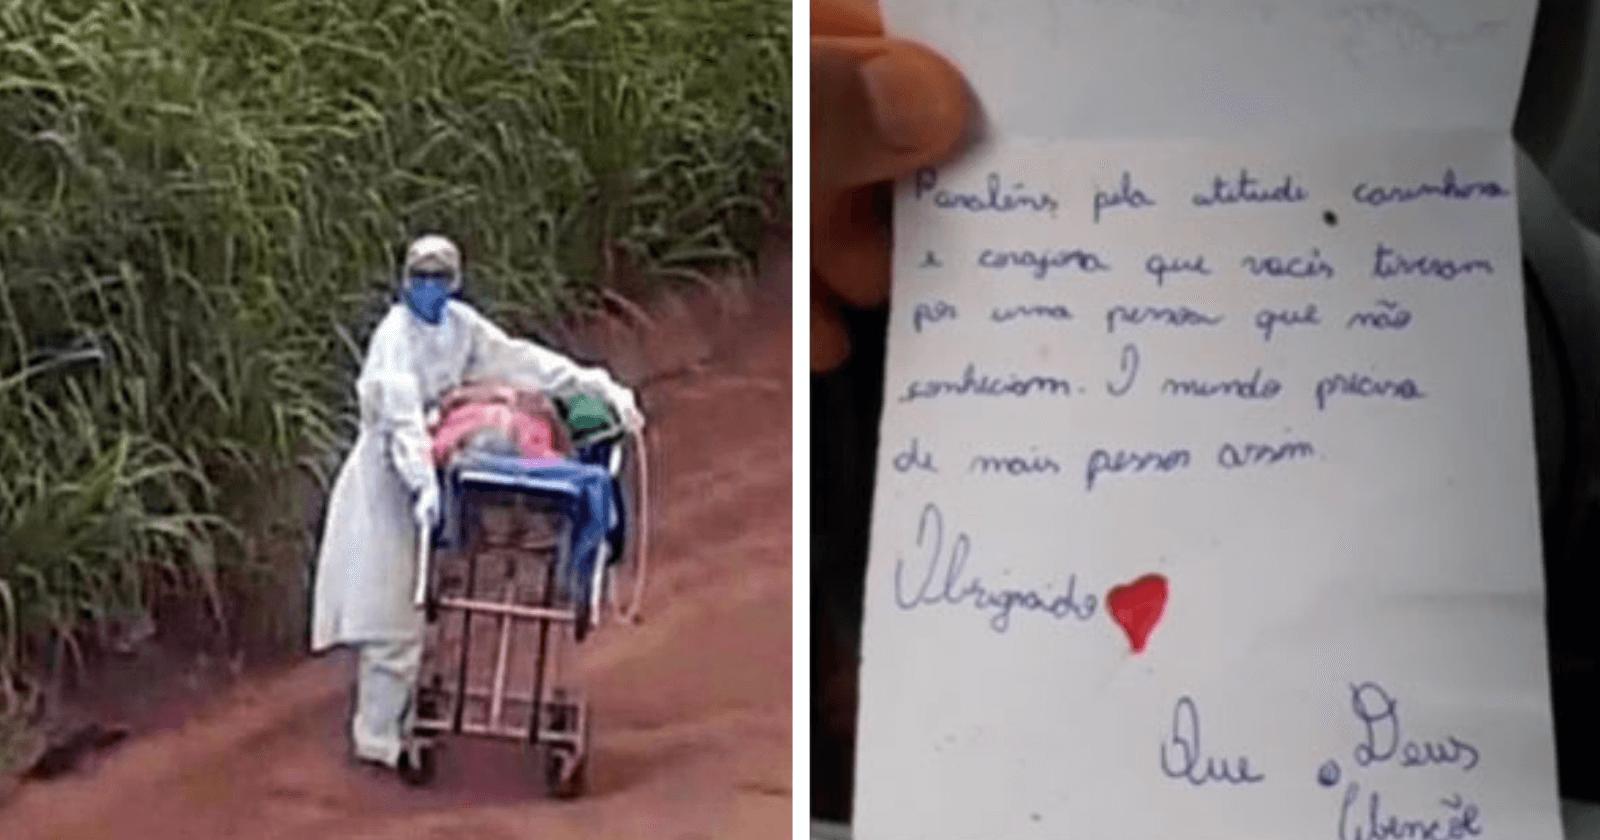 Empurrando maca com paciente em rodovia Transamazônica, enfermeira ganha bilhete emocionante de crianças